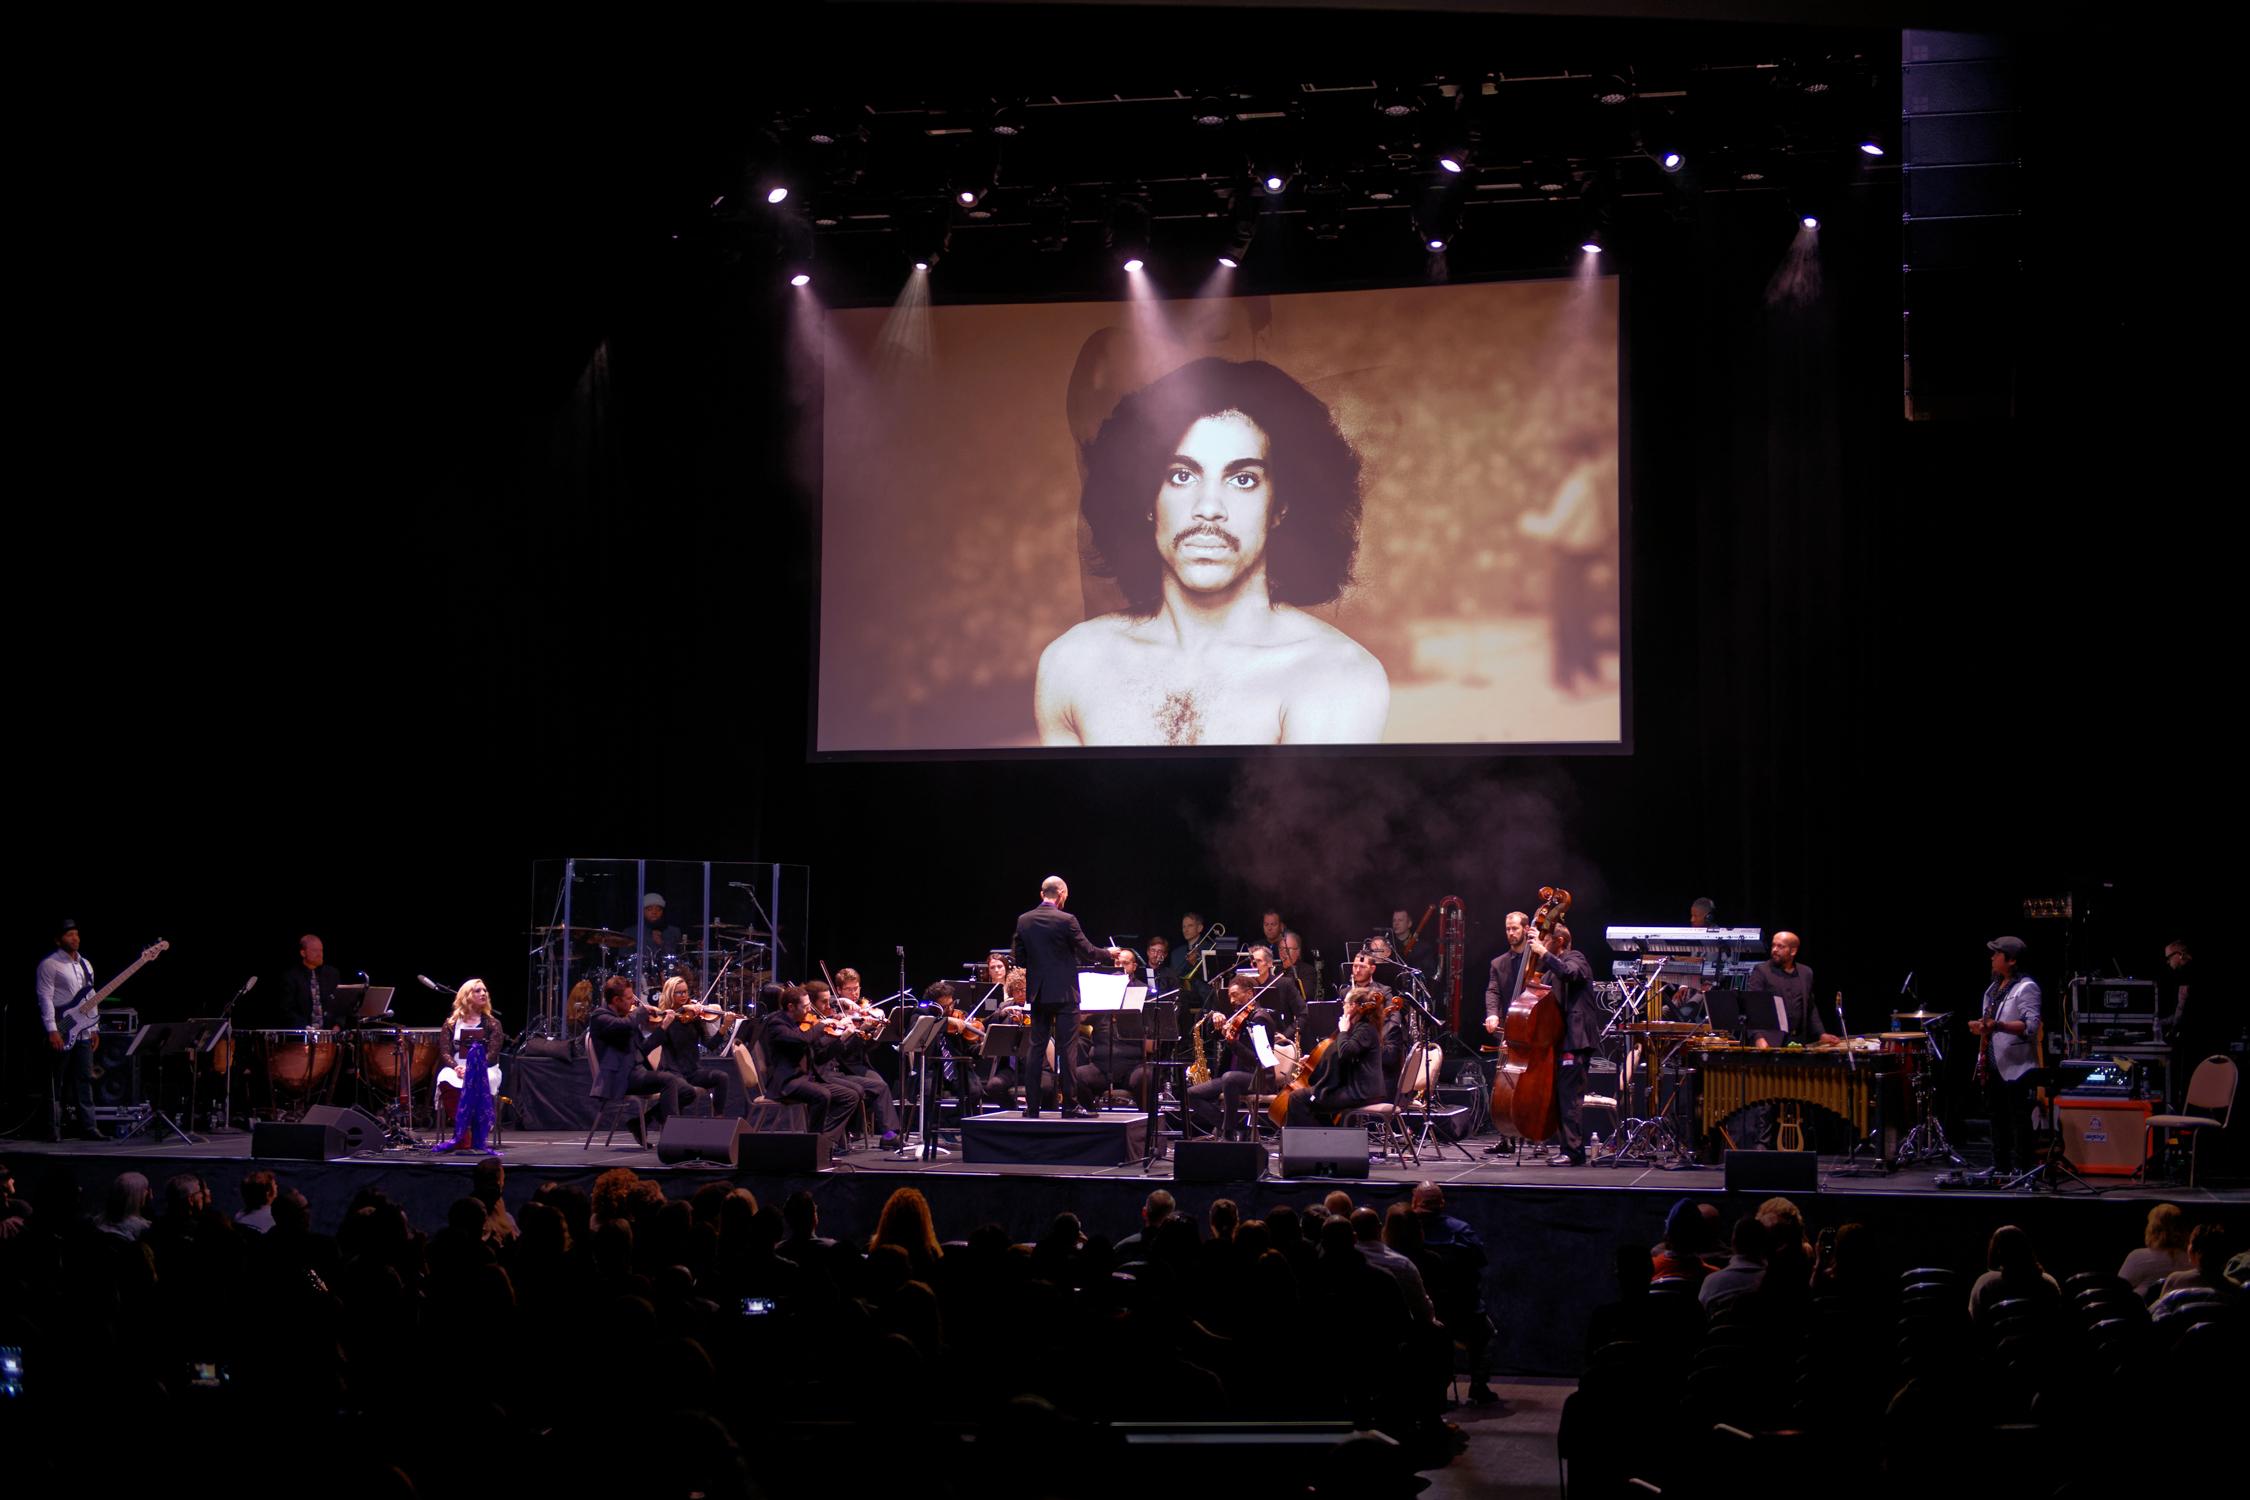 20190514 17 4U A Symphonic Celebration of Prince.jpg